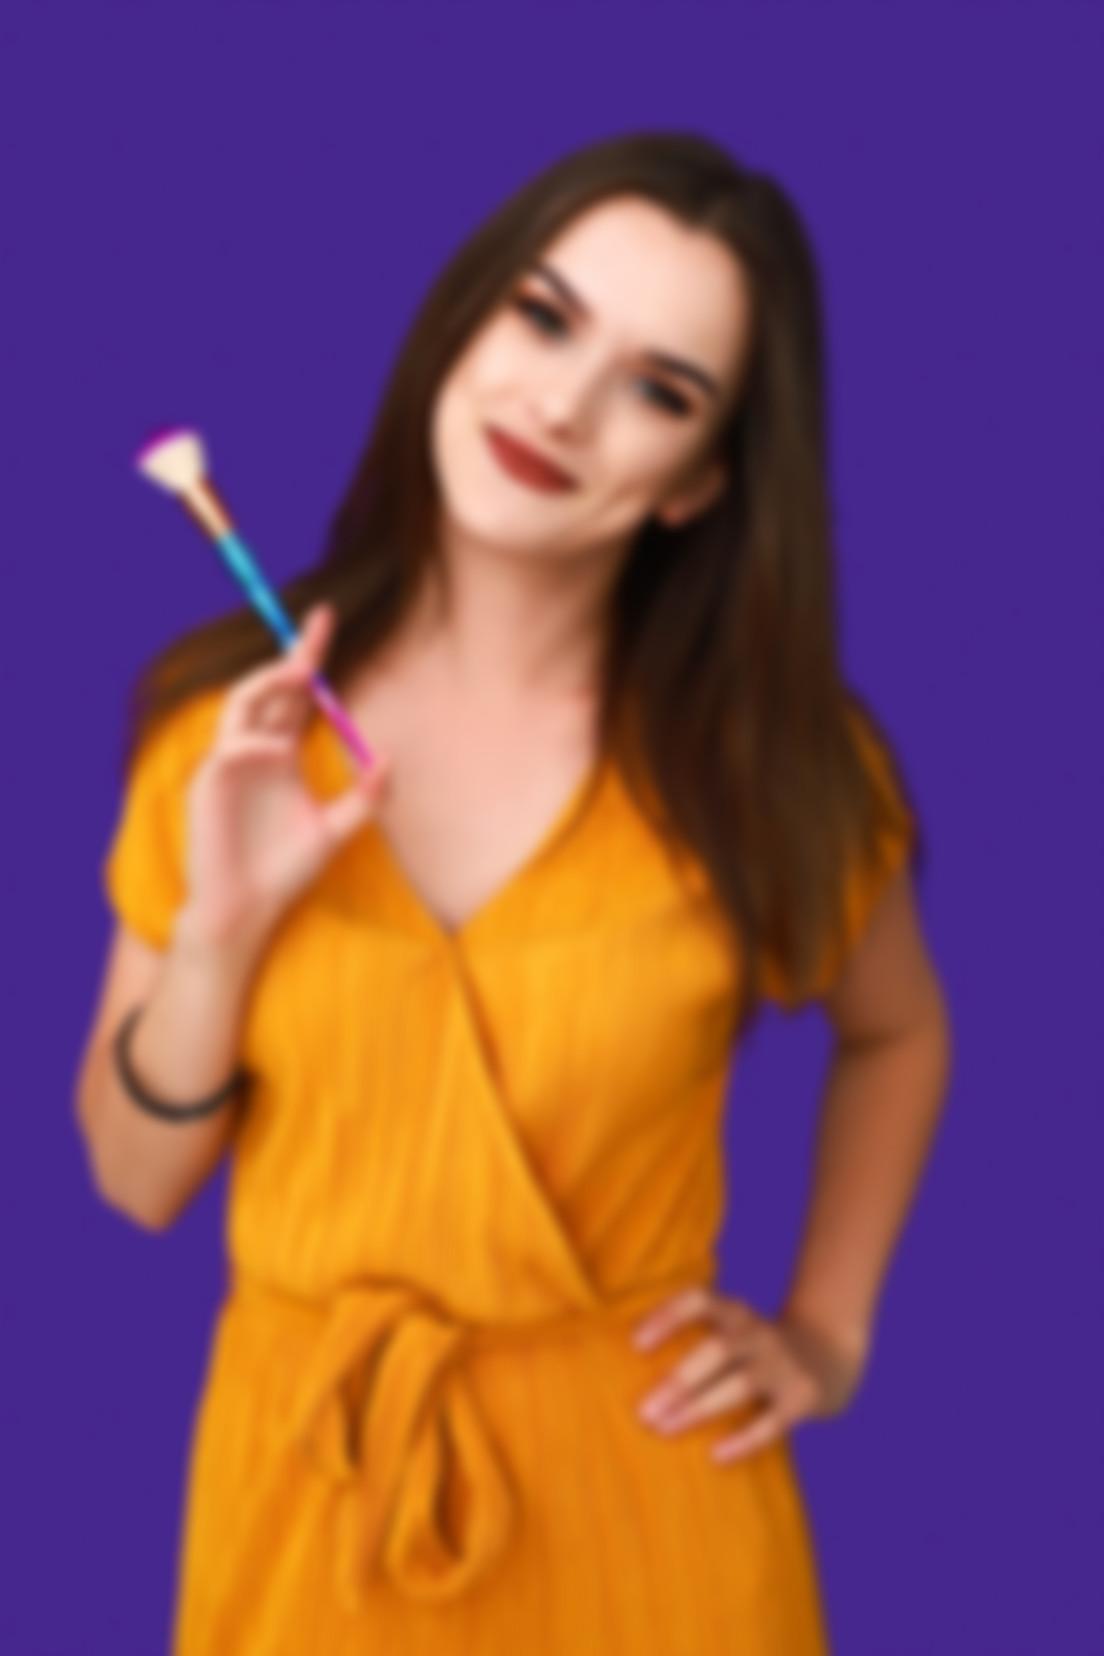 Zdjęcie na fioletowym tle Sylwii